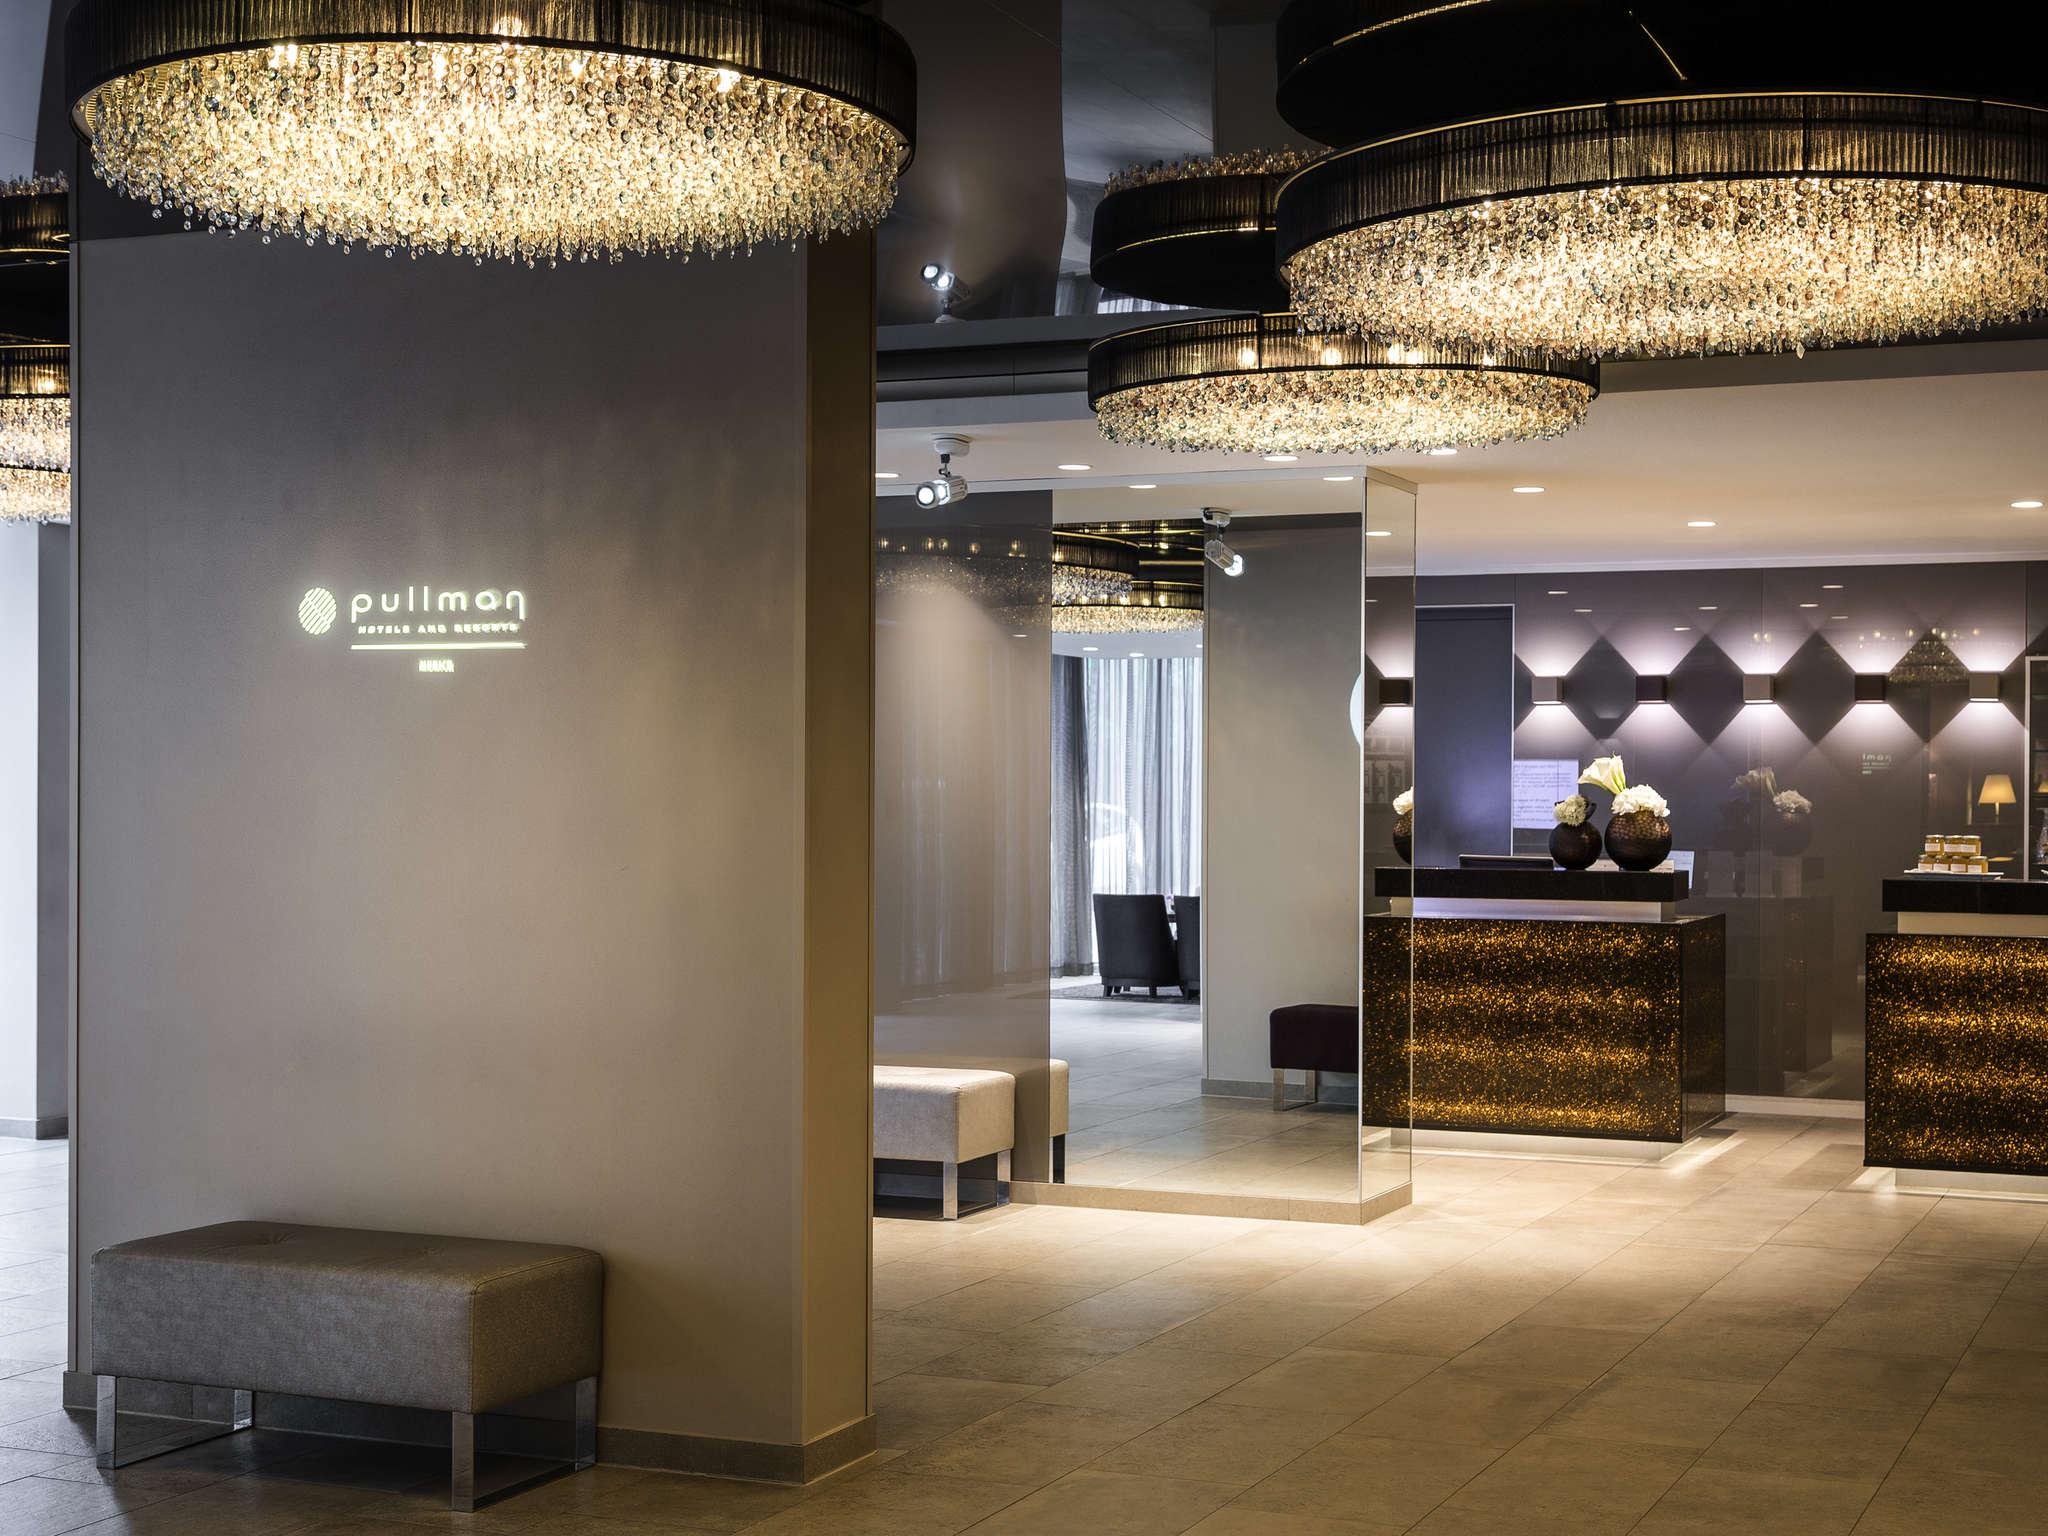 Hotel – Pullman München